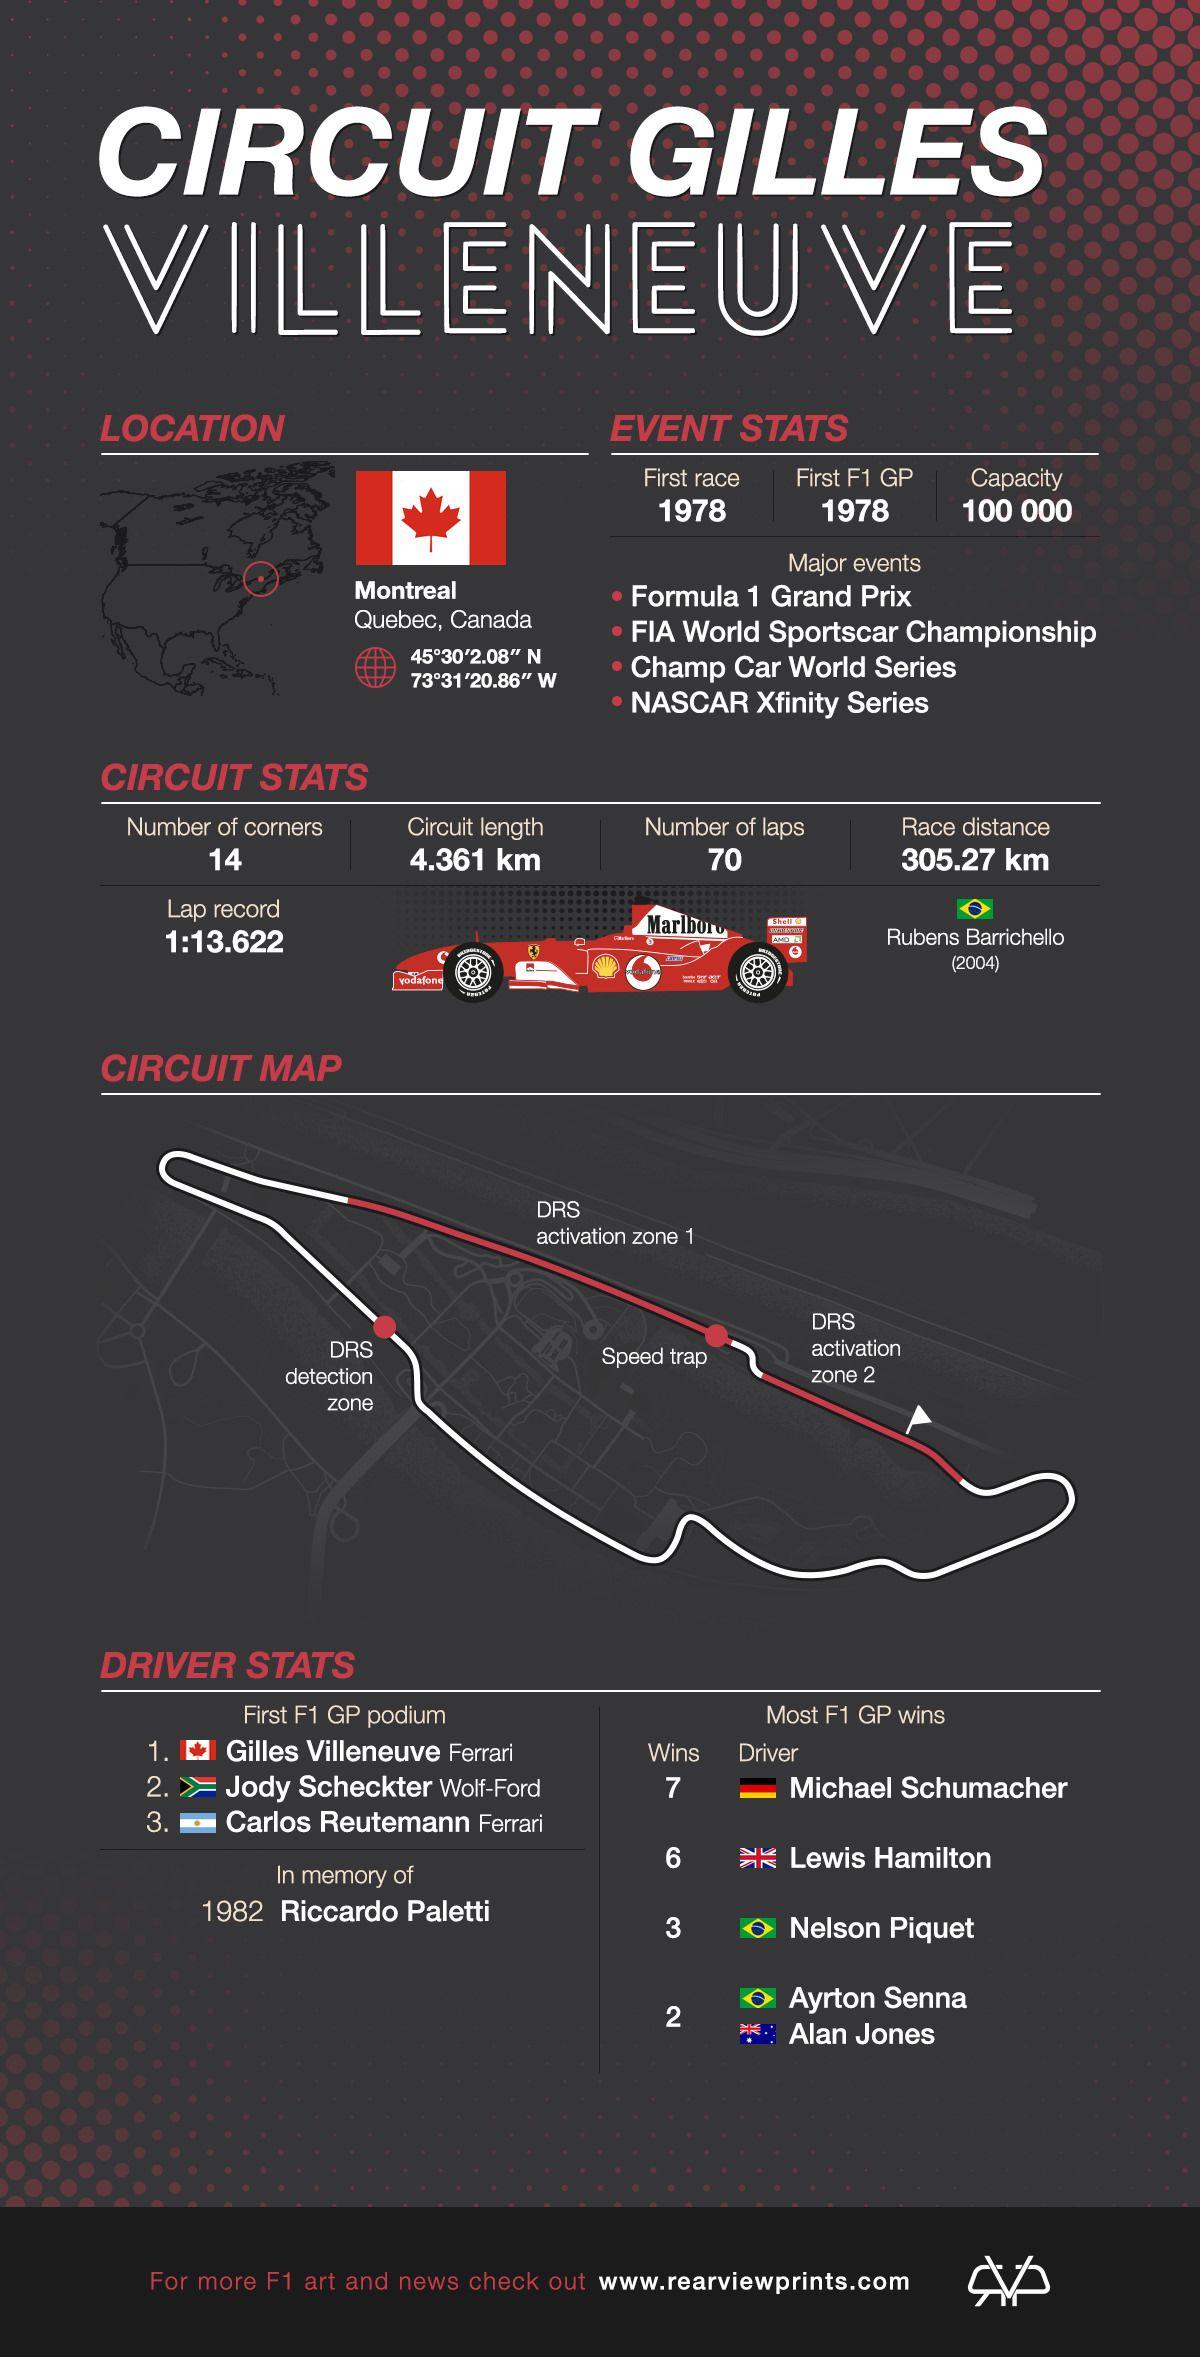 Circuit Gilles Villeneuve Ultimate Track Guide Rear View Prints In 2020 Circuit Formula 1 Formula Racing